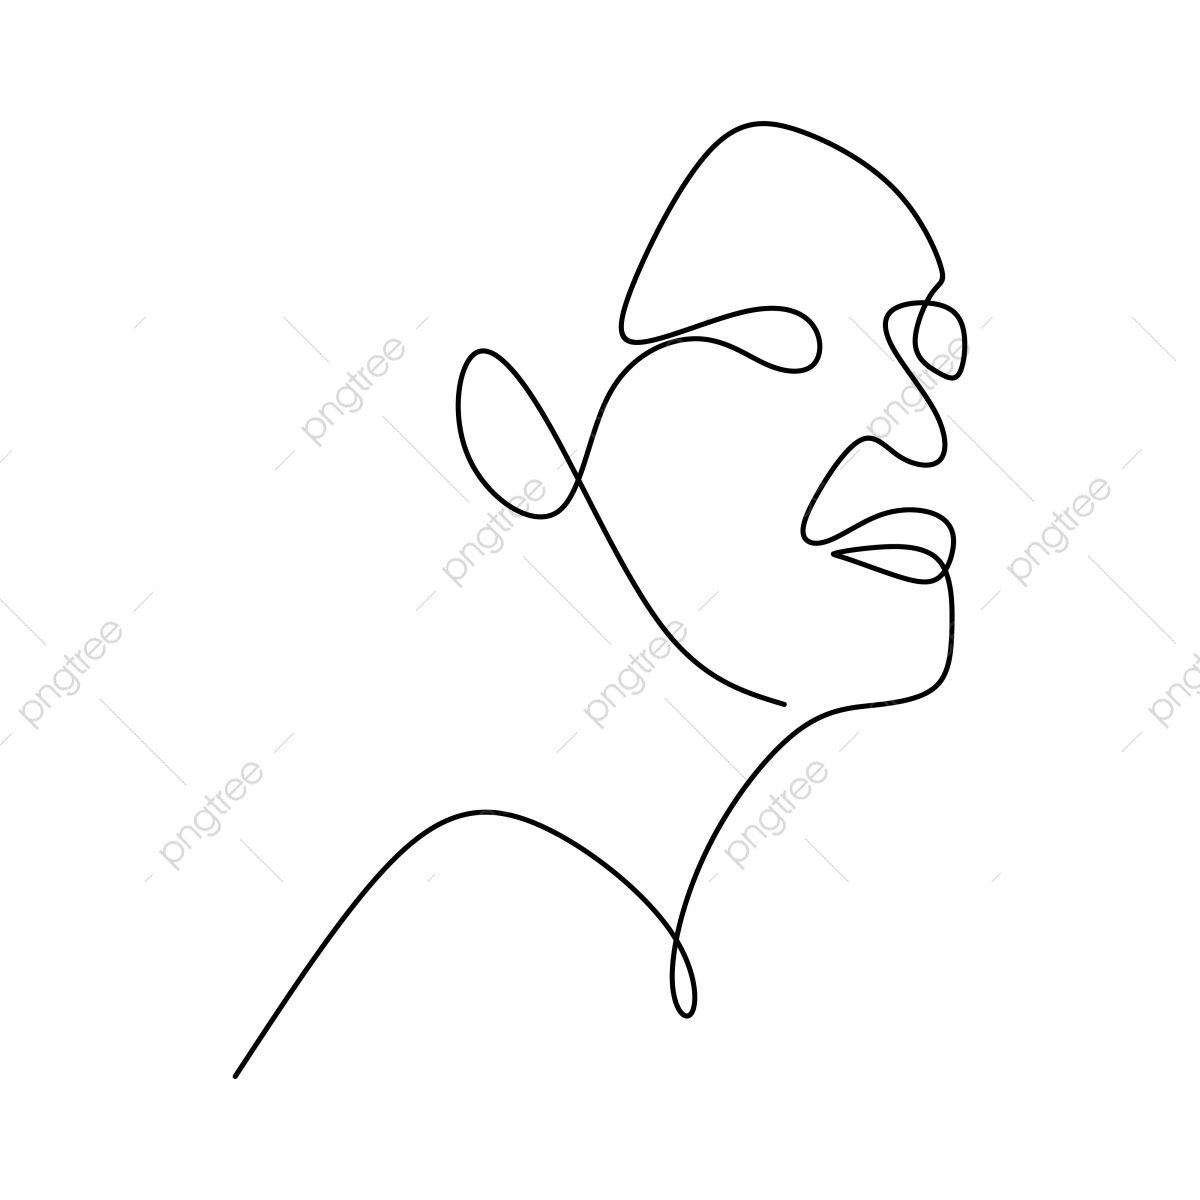 ملخص وجه مستمرة نمط خط الرسم التوضيح النواقل بساطتها على خلفية بيضاء جيدة ملصق الفن و ورق الجدران خط واحد الترهلات رسم Png والمتجهات للتحميل مجانا Negative Space Art Abstract Faces